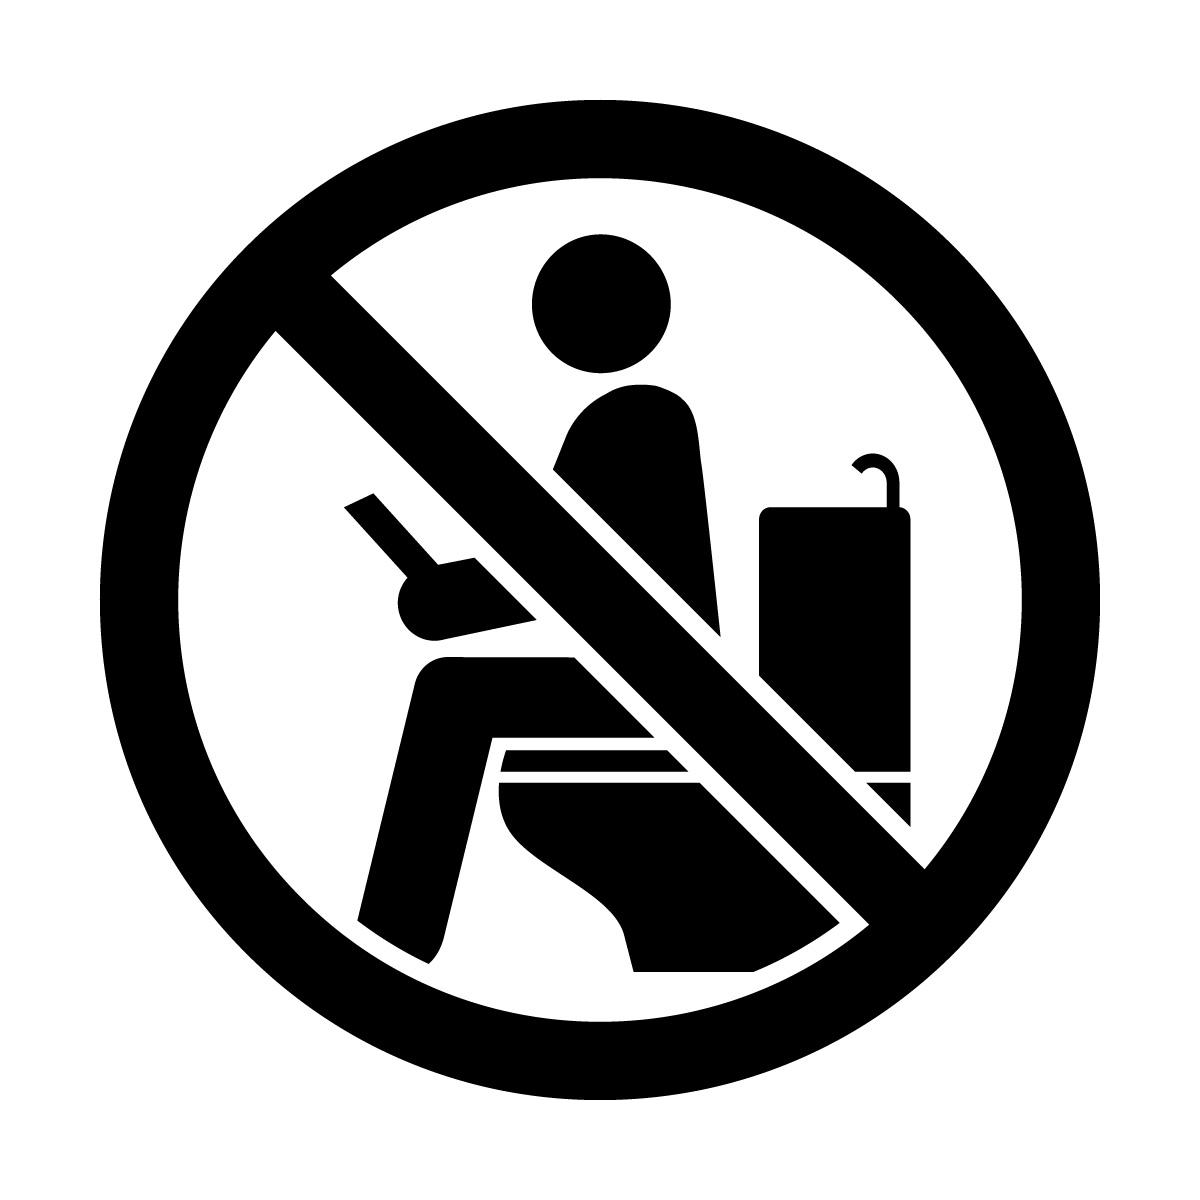 黒色のトイレ内のゲーム・読書禁止マークのカッティングステッカーシール